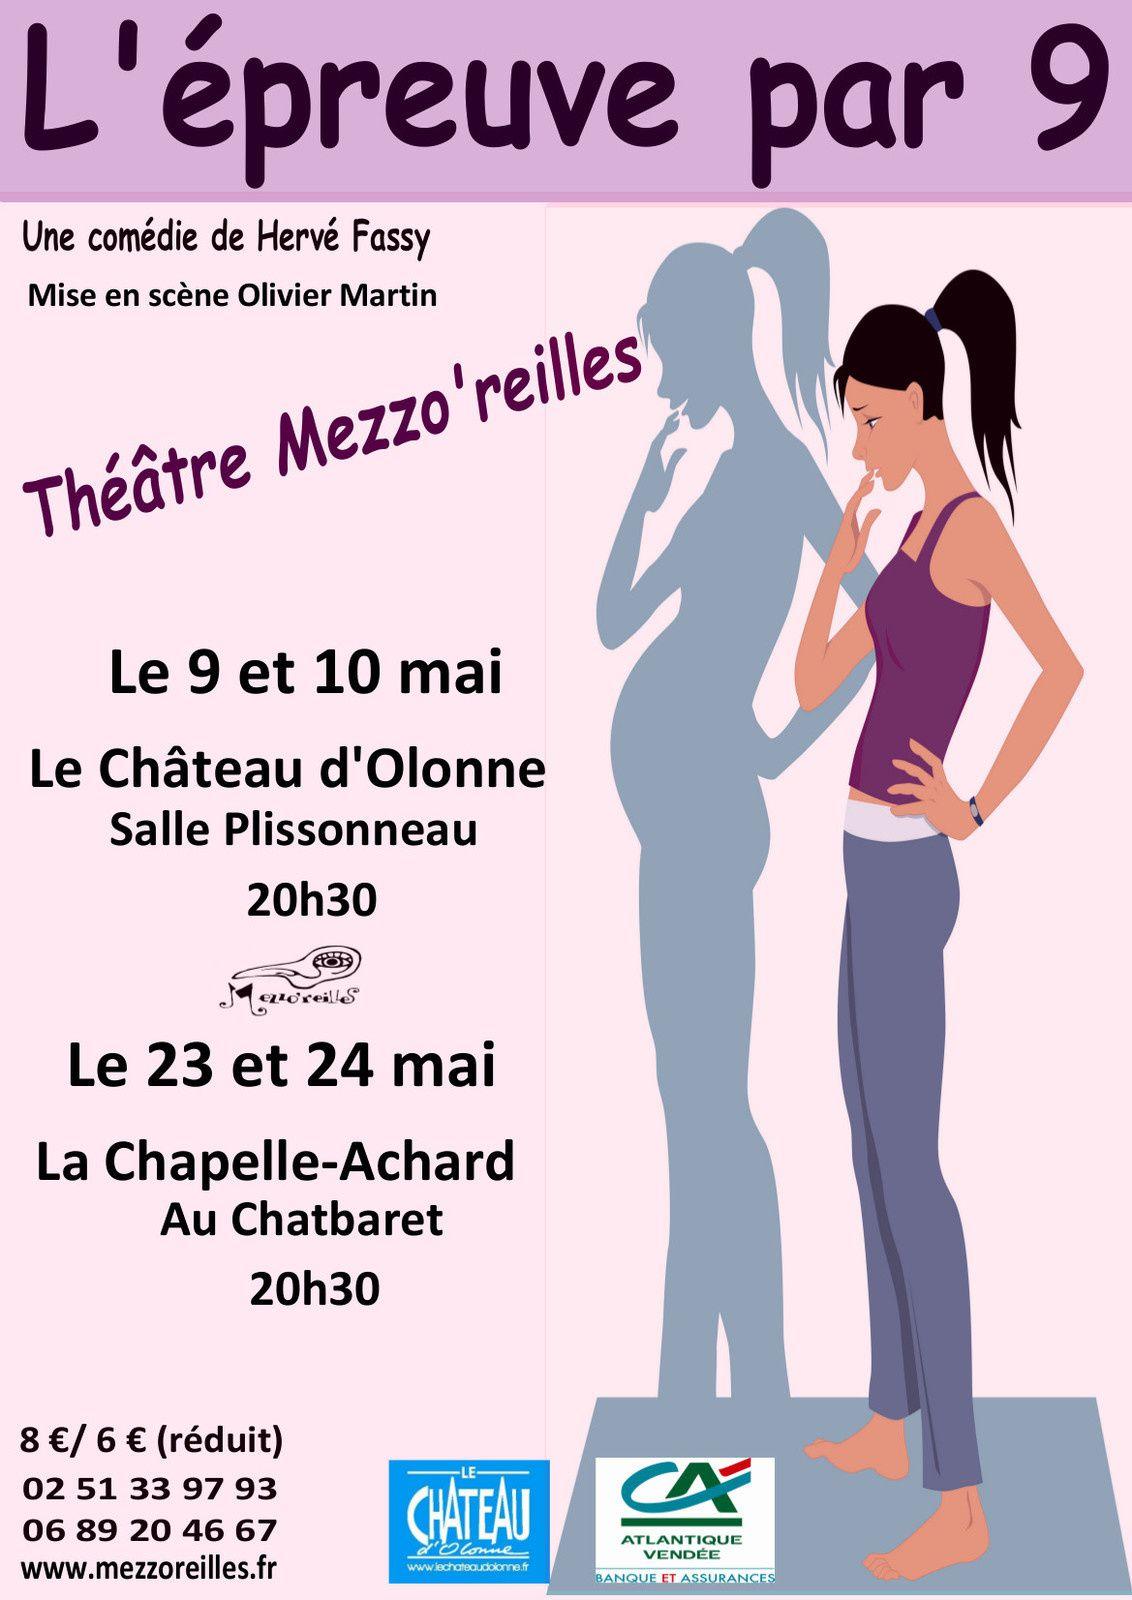 SORTIR EN VENDEE : rire et détente 23 et 24 mai une comédie...